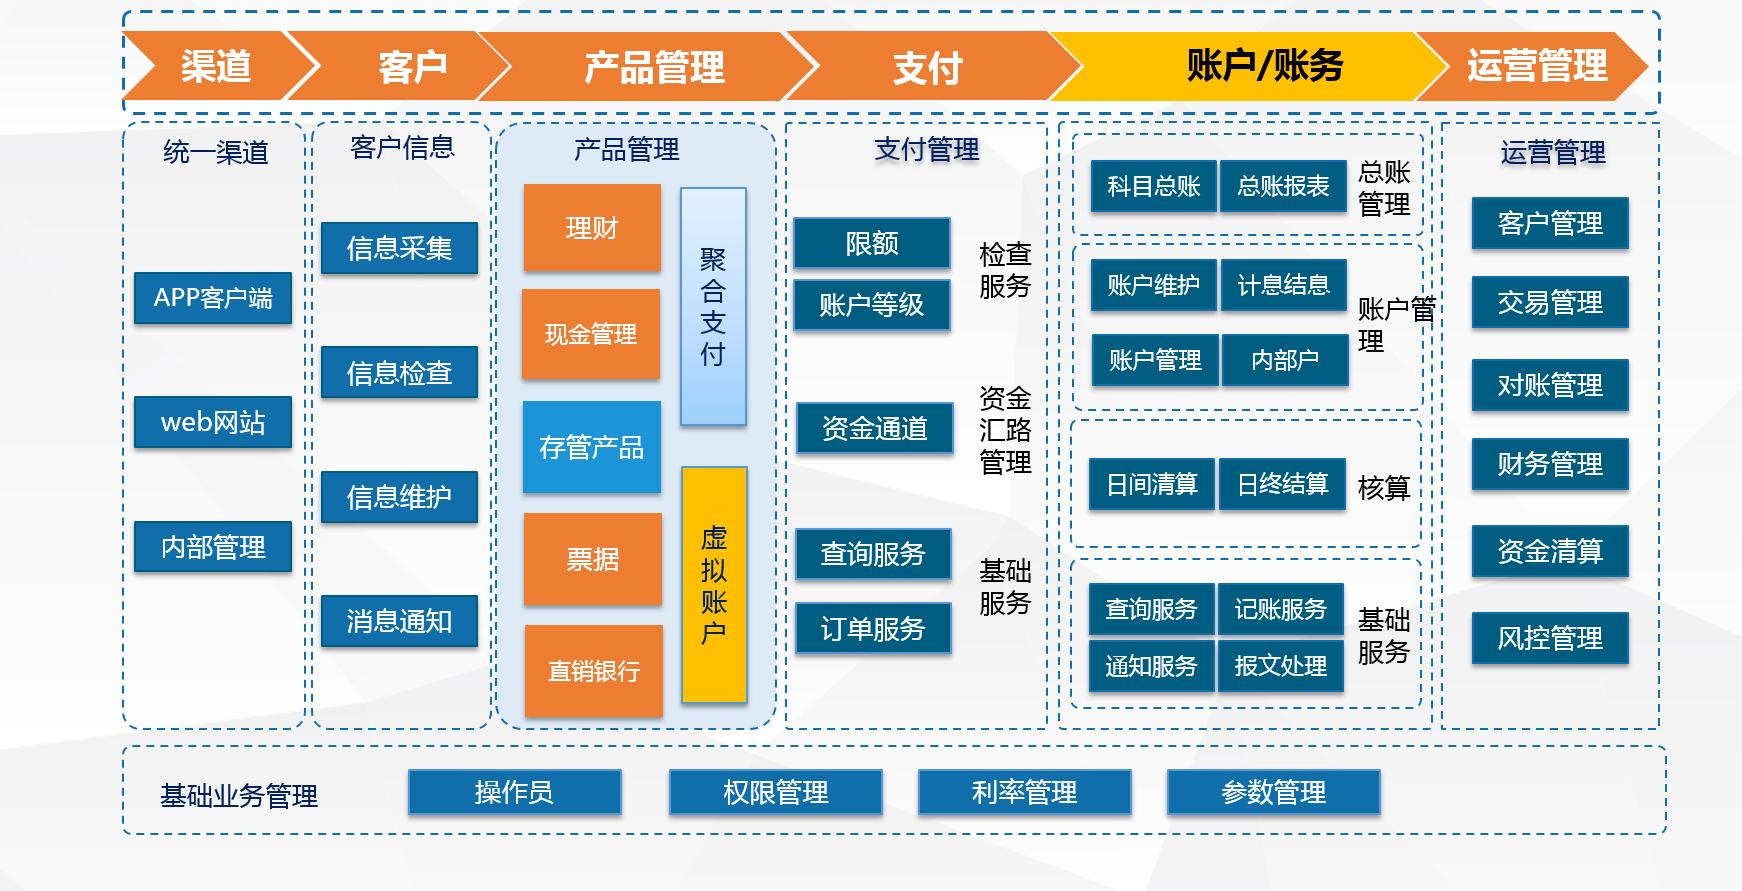 存管业务系统在银行架构中的位置